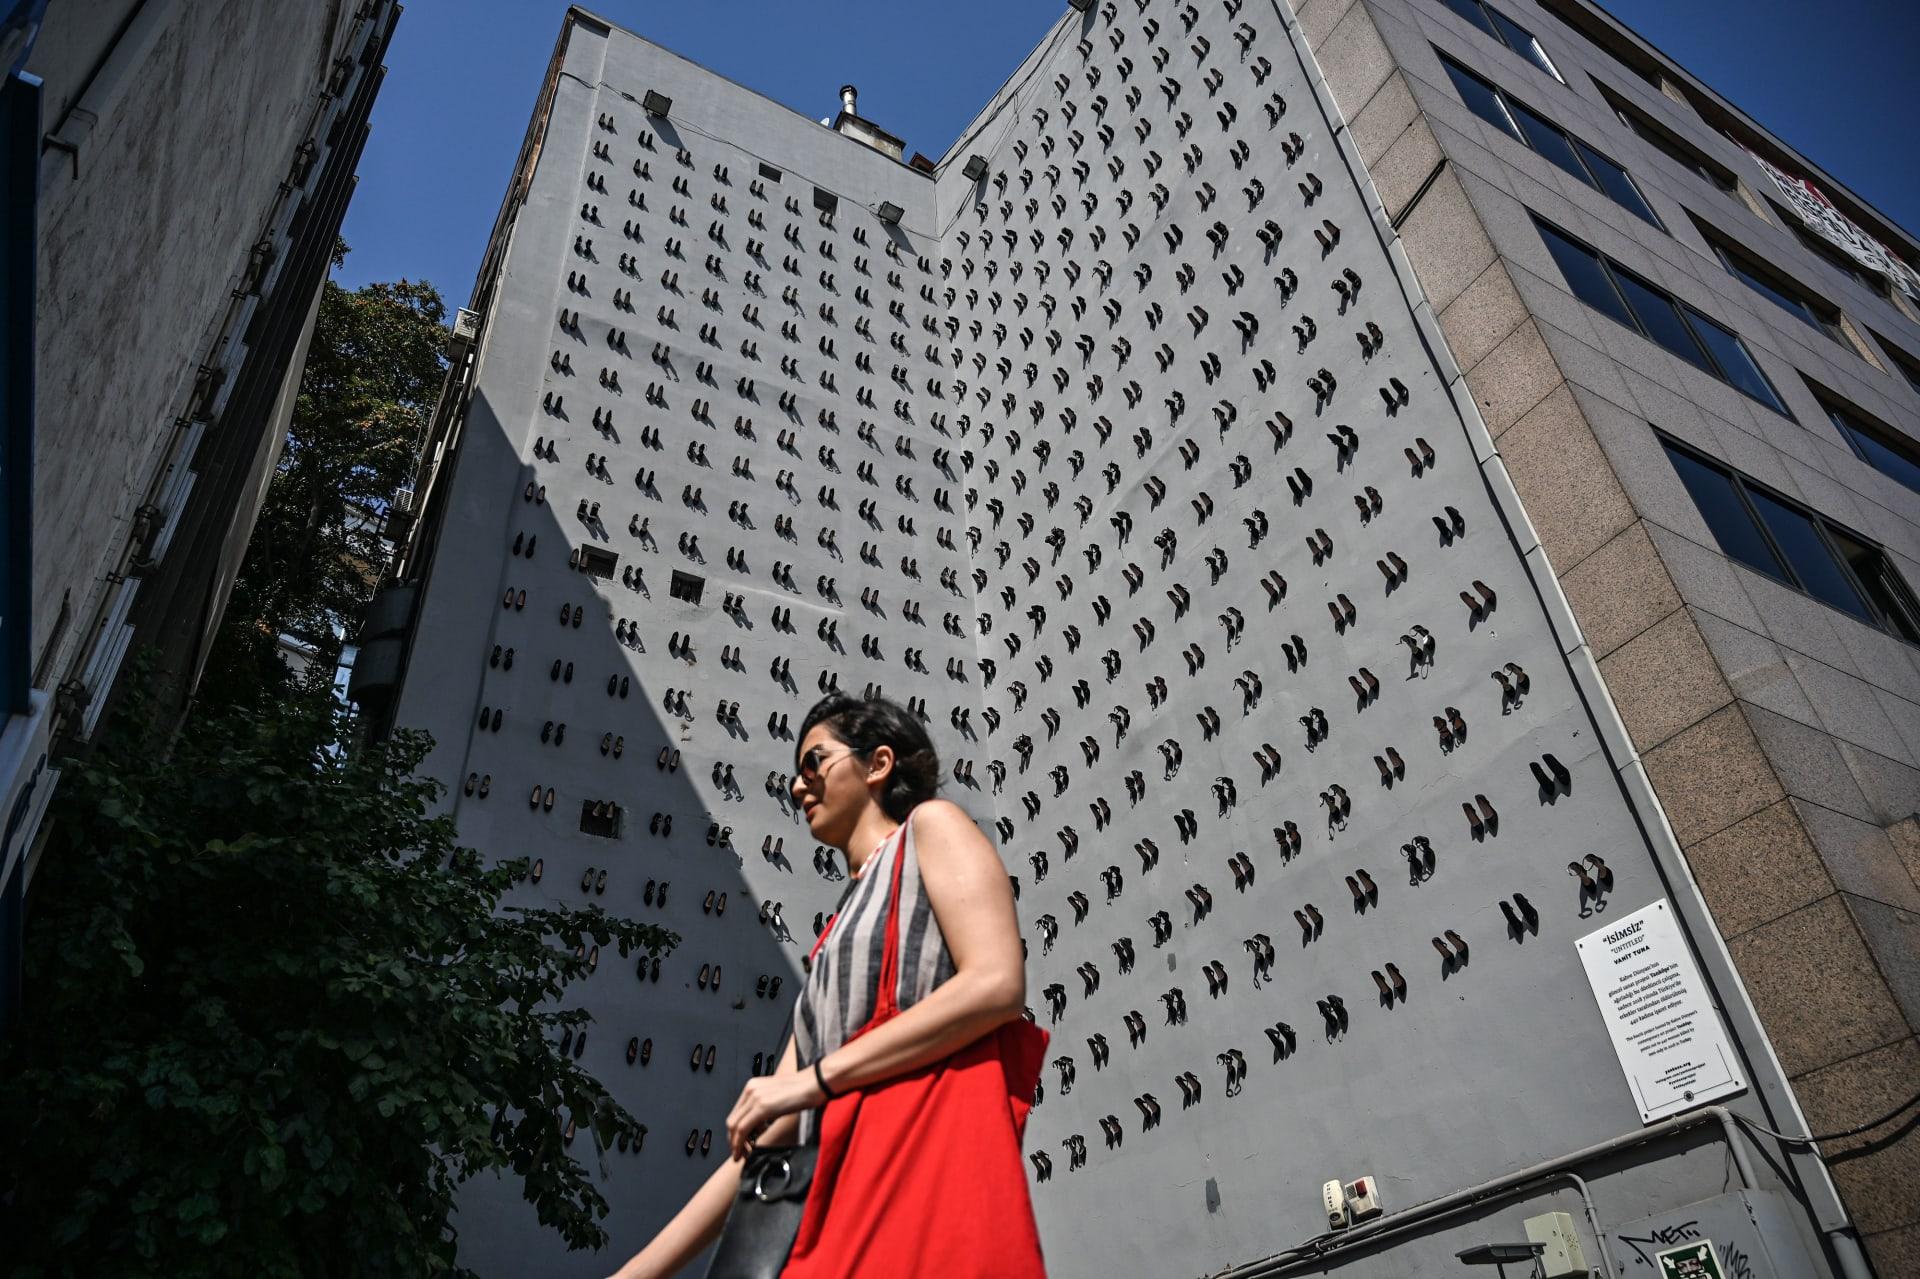 جدار بـ440 كعب نسائي في إسطنبول